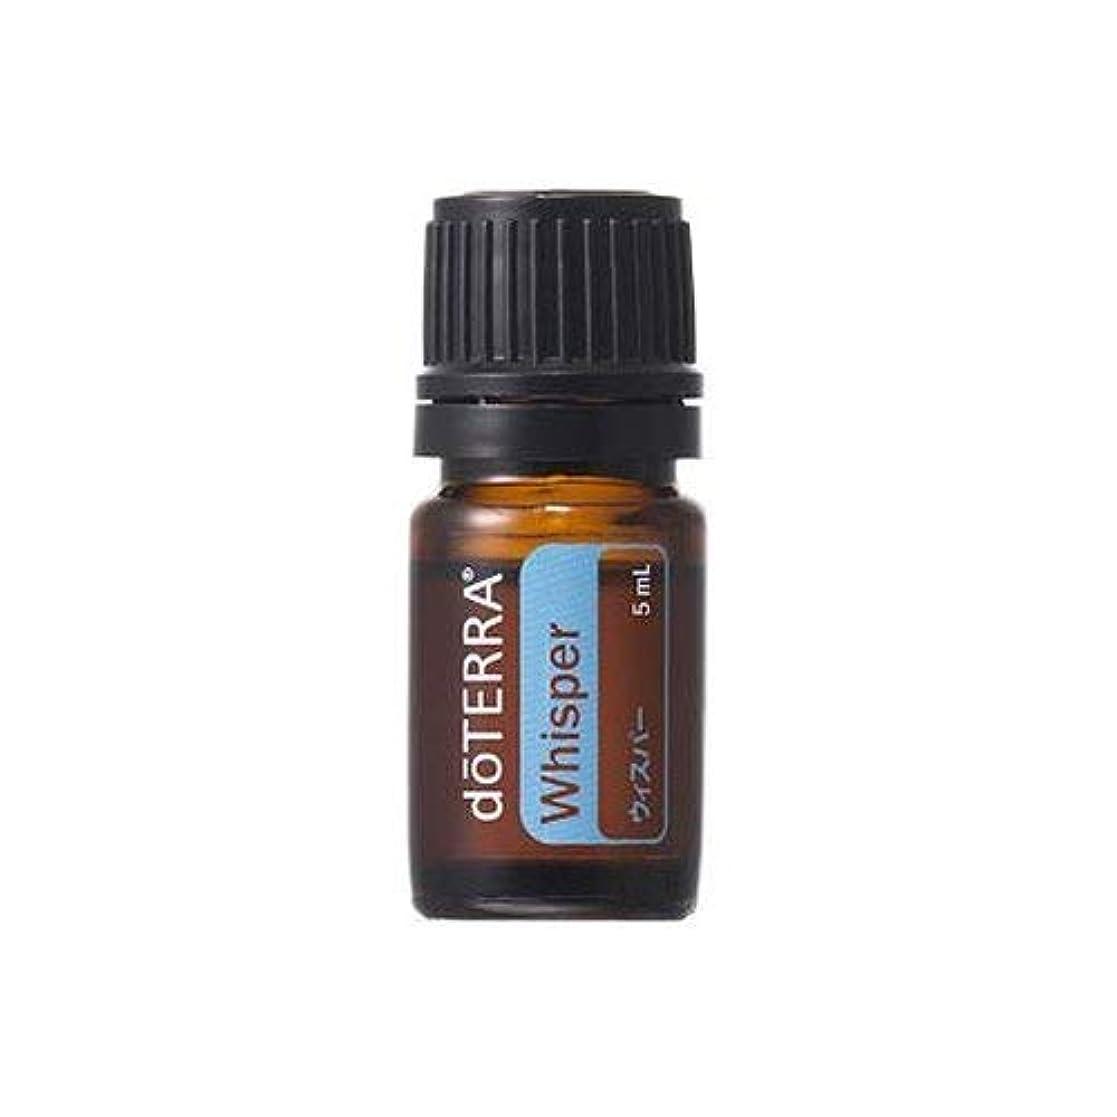 錫姿勢一生doTERRA ドテラ ウィスパー 5 ml ブレンドオイル エッセンシャルオイル 精油 リラックス